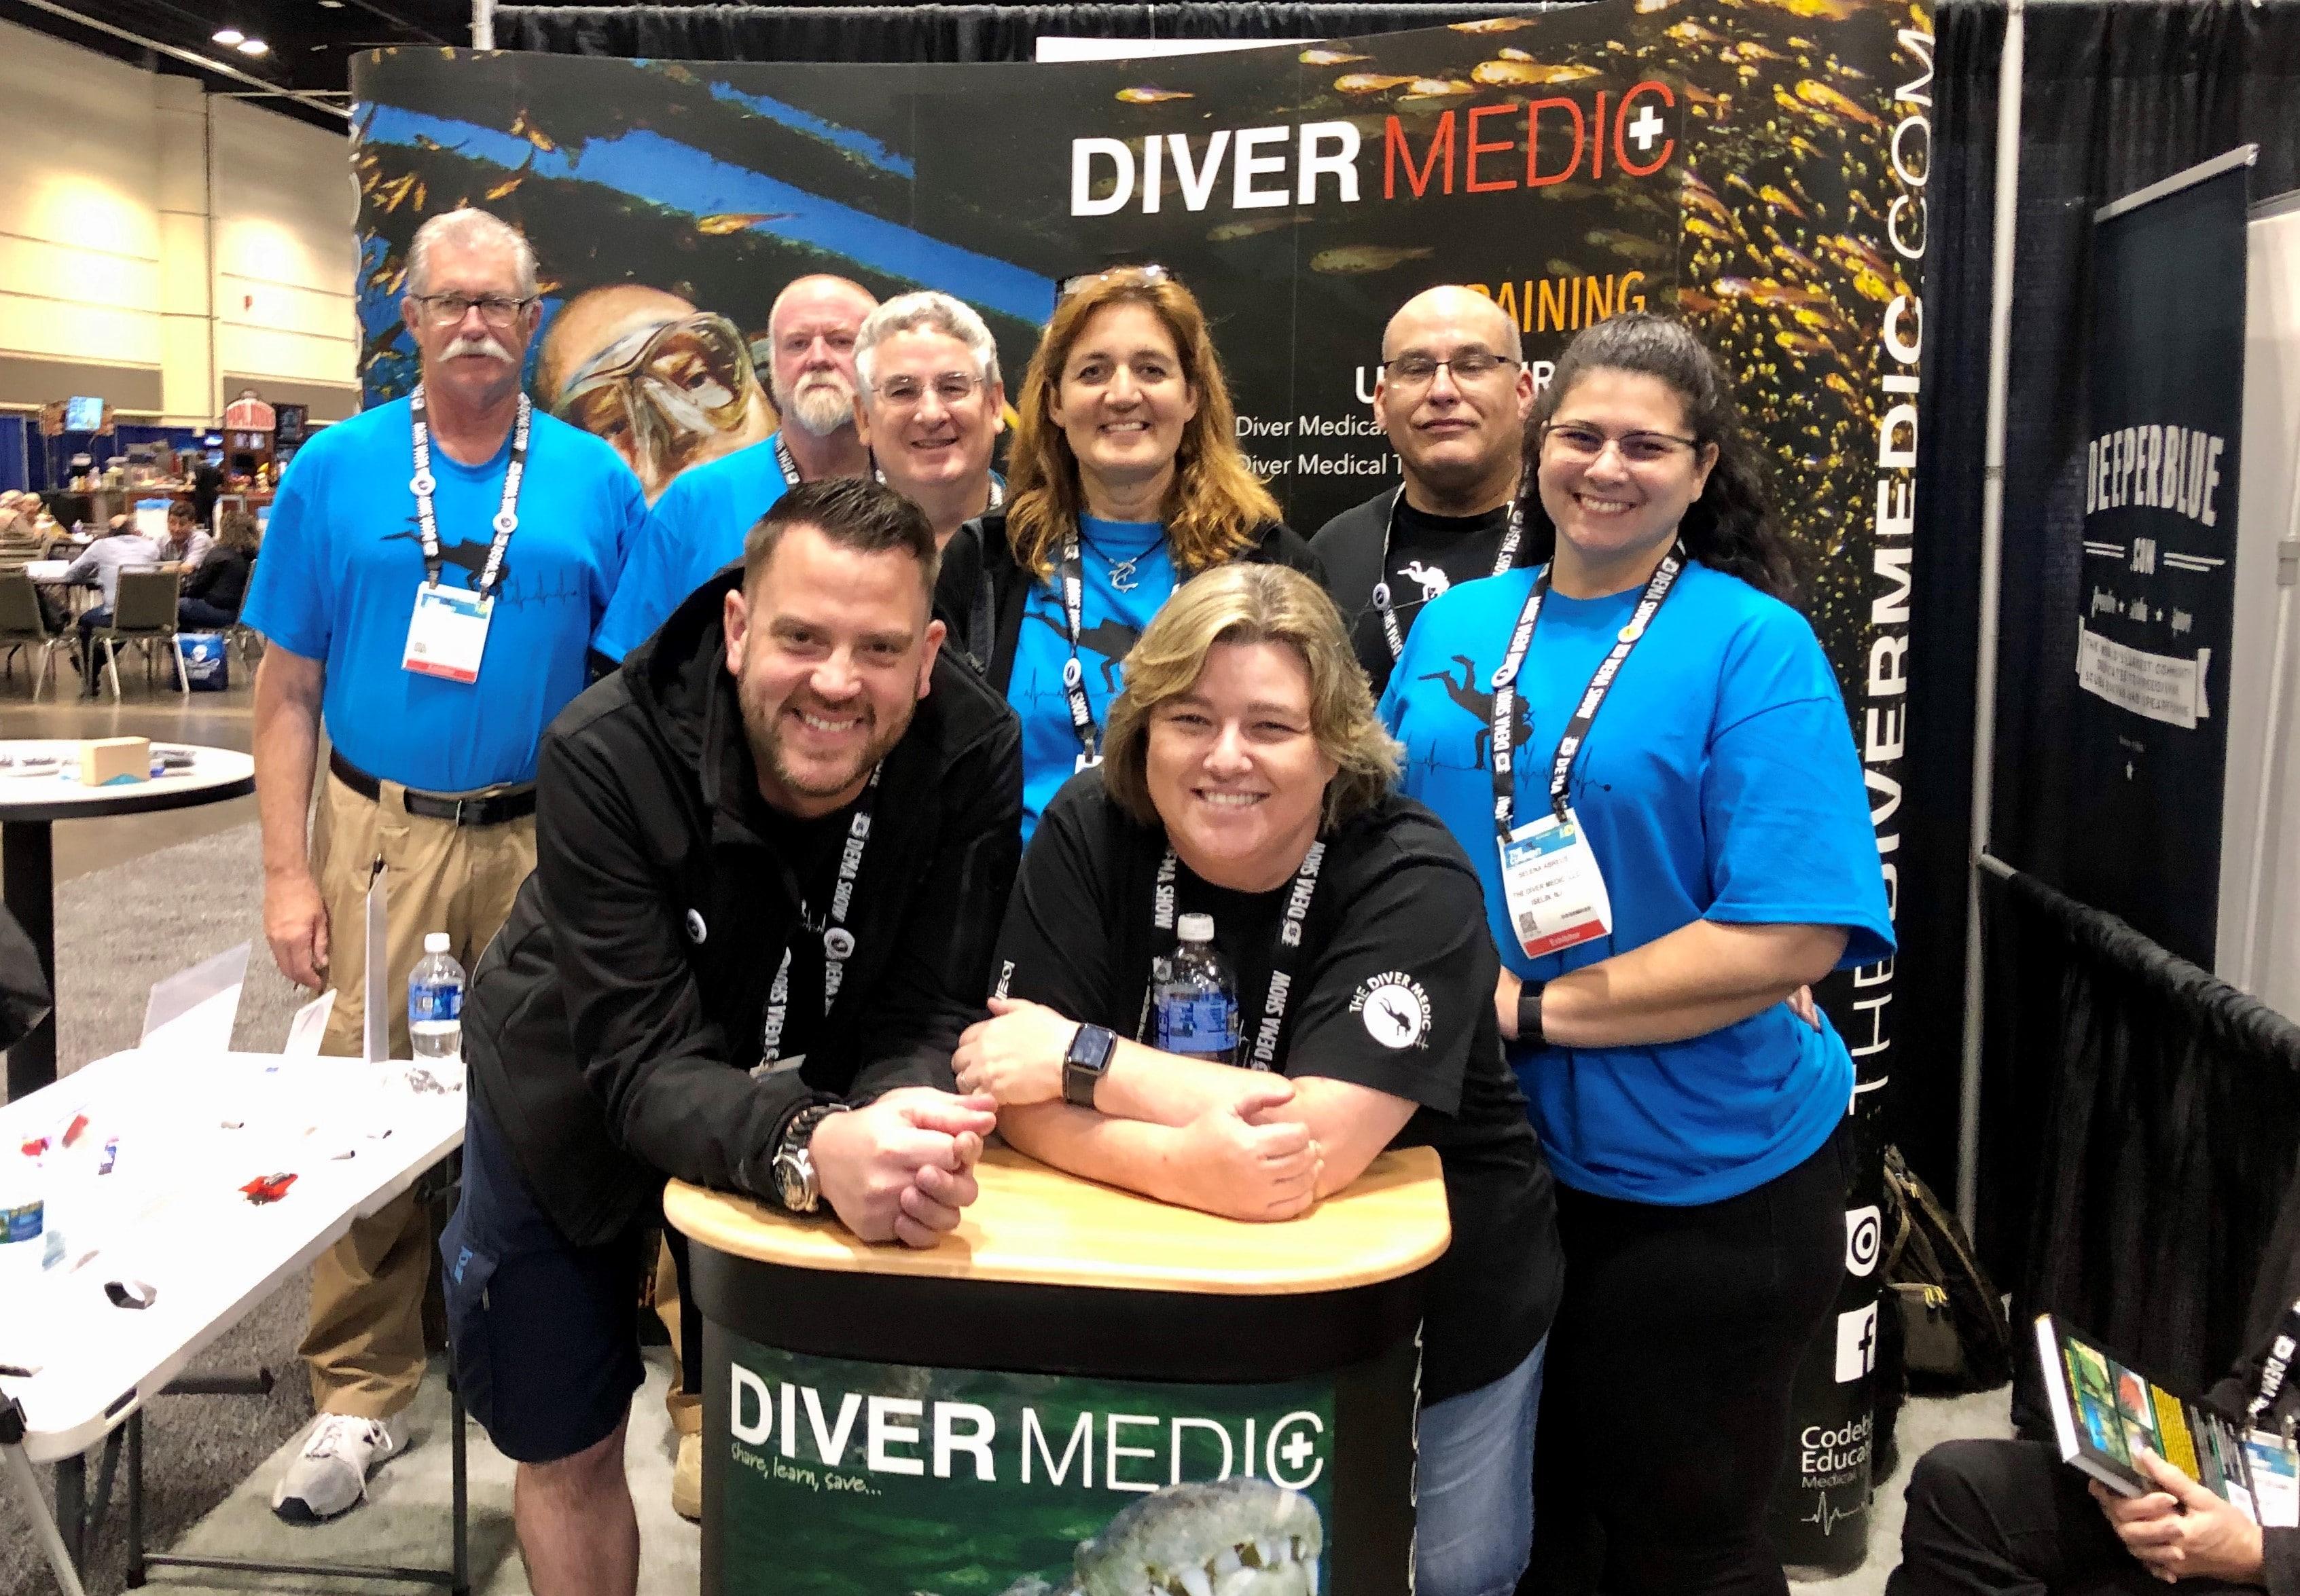 Diver Medic at DEMA Show 2019